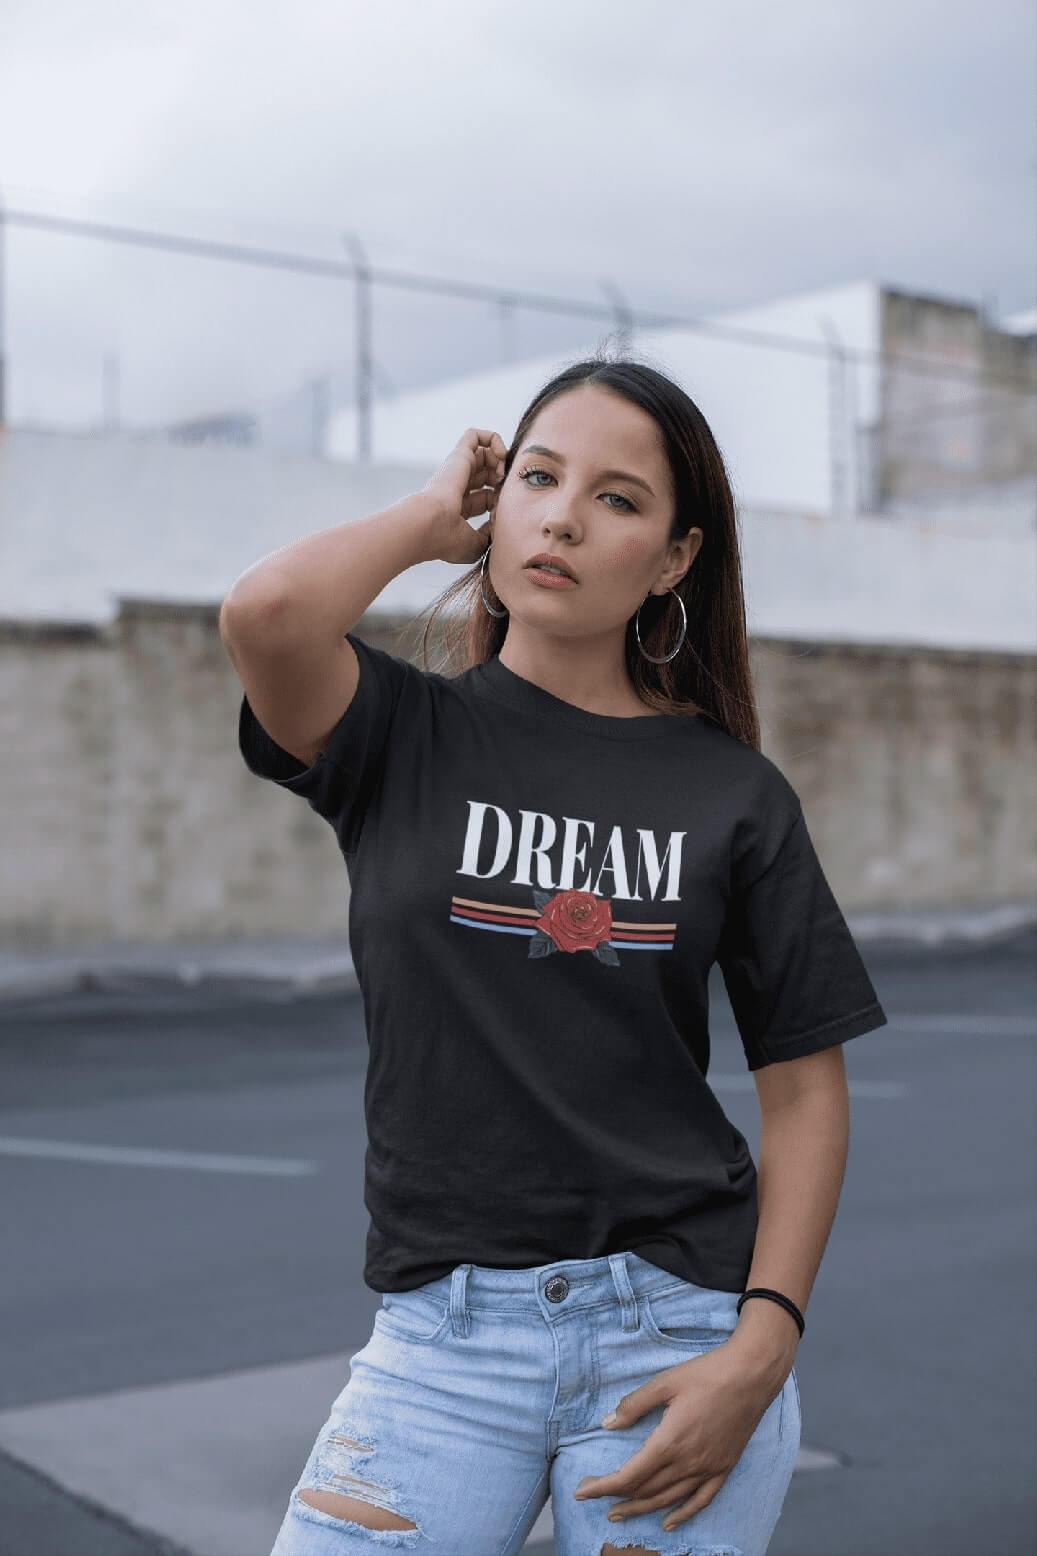 MMO Dámske tričko Dream Vyberte farbu: Čierna, Vyberte veľkosť: M